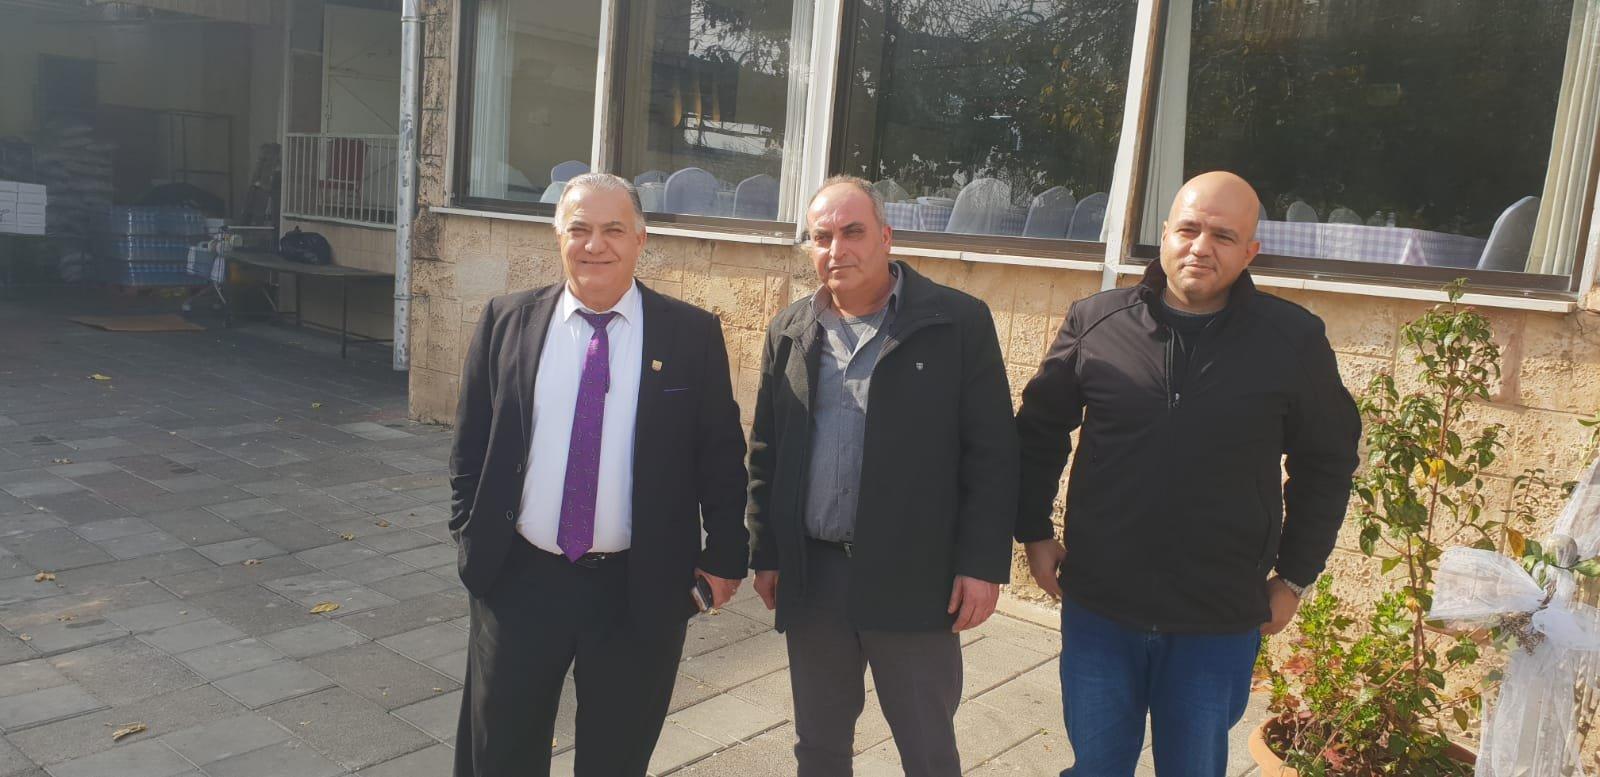 رئيس بلدية جنين فايز السعدي وأعضاء بلدية يزورون بلدية الناصرة-18